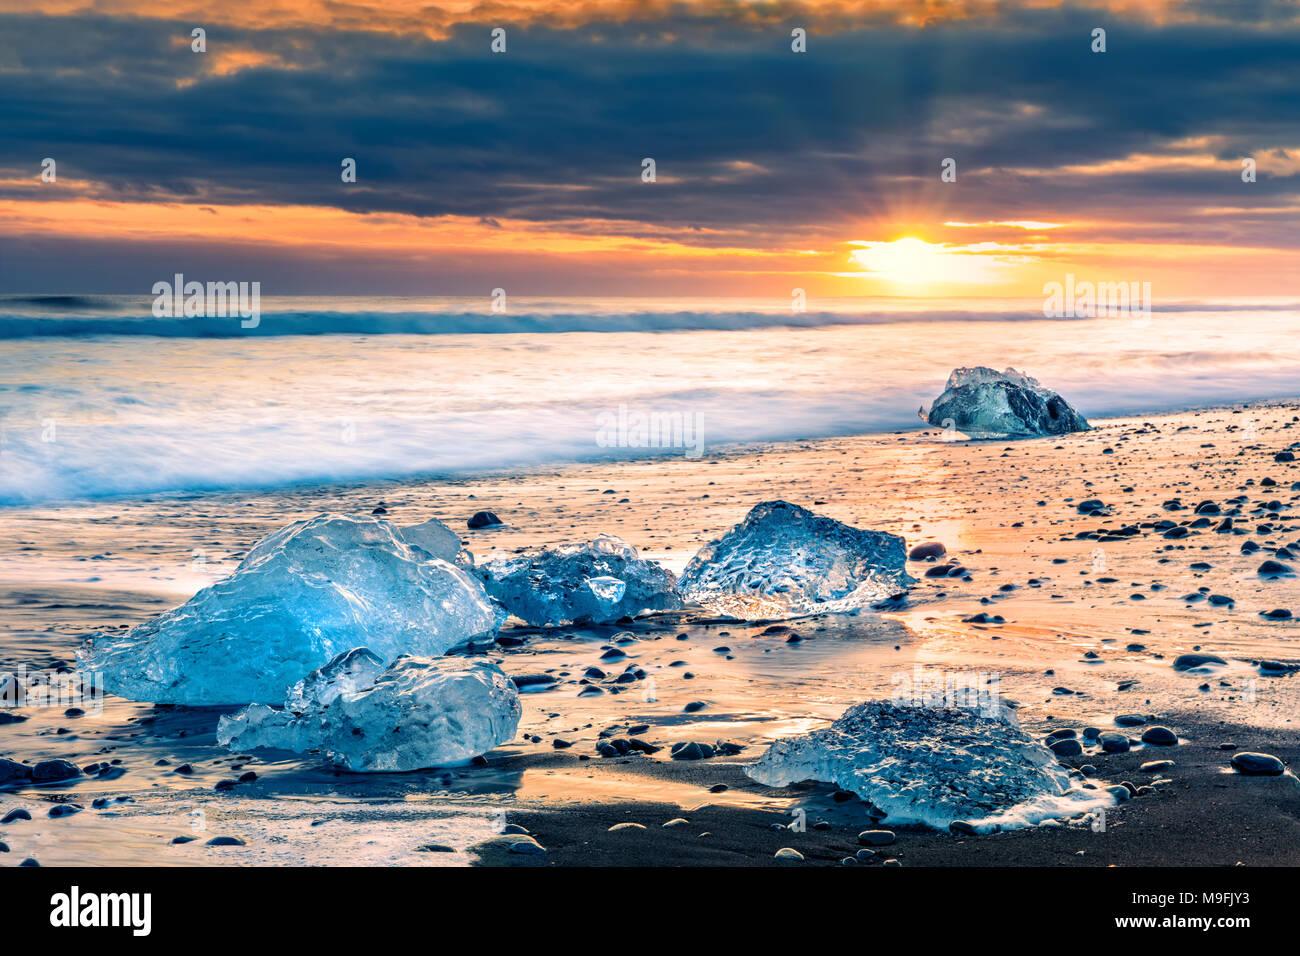 Il drifting blocchi di ghiaccio sulla spiaggia di diamante, al tramonto, in Jokulsarlon, Islanda Immagini Stock